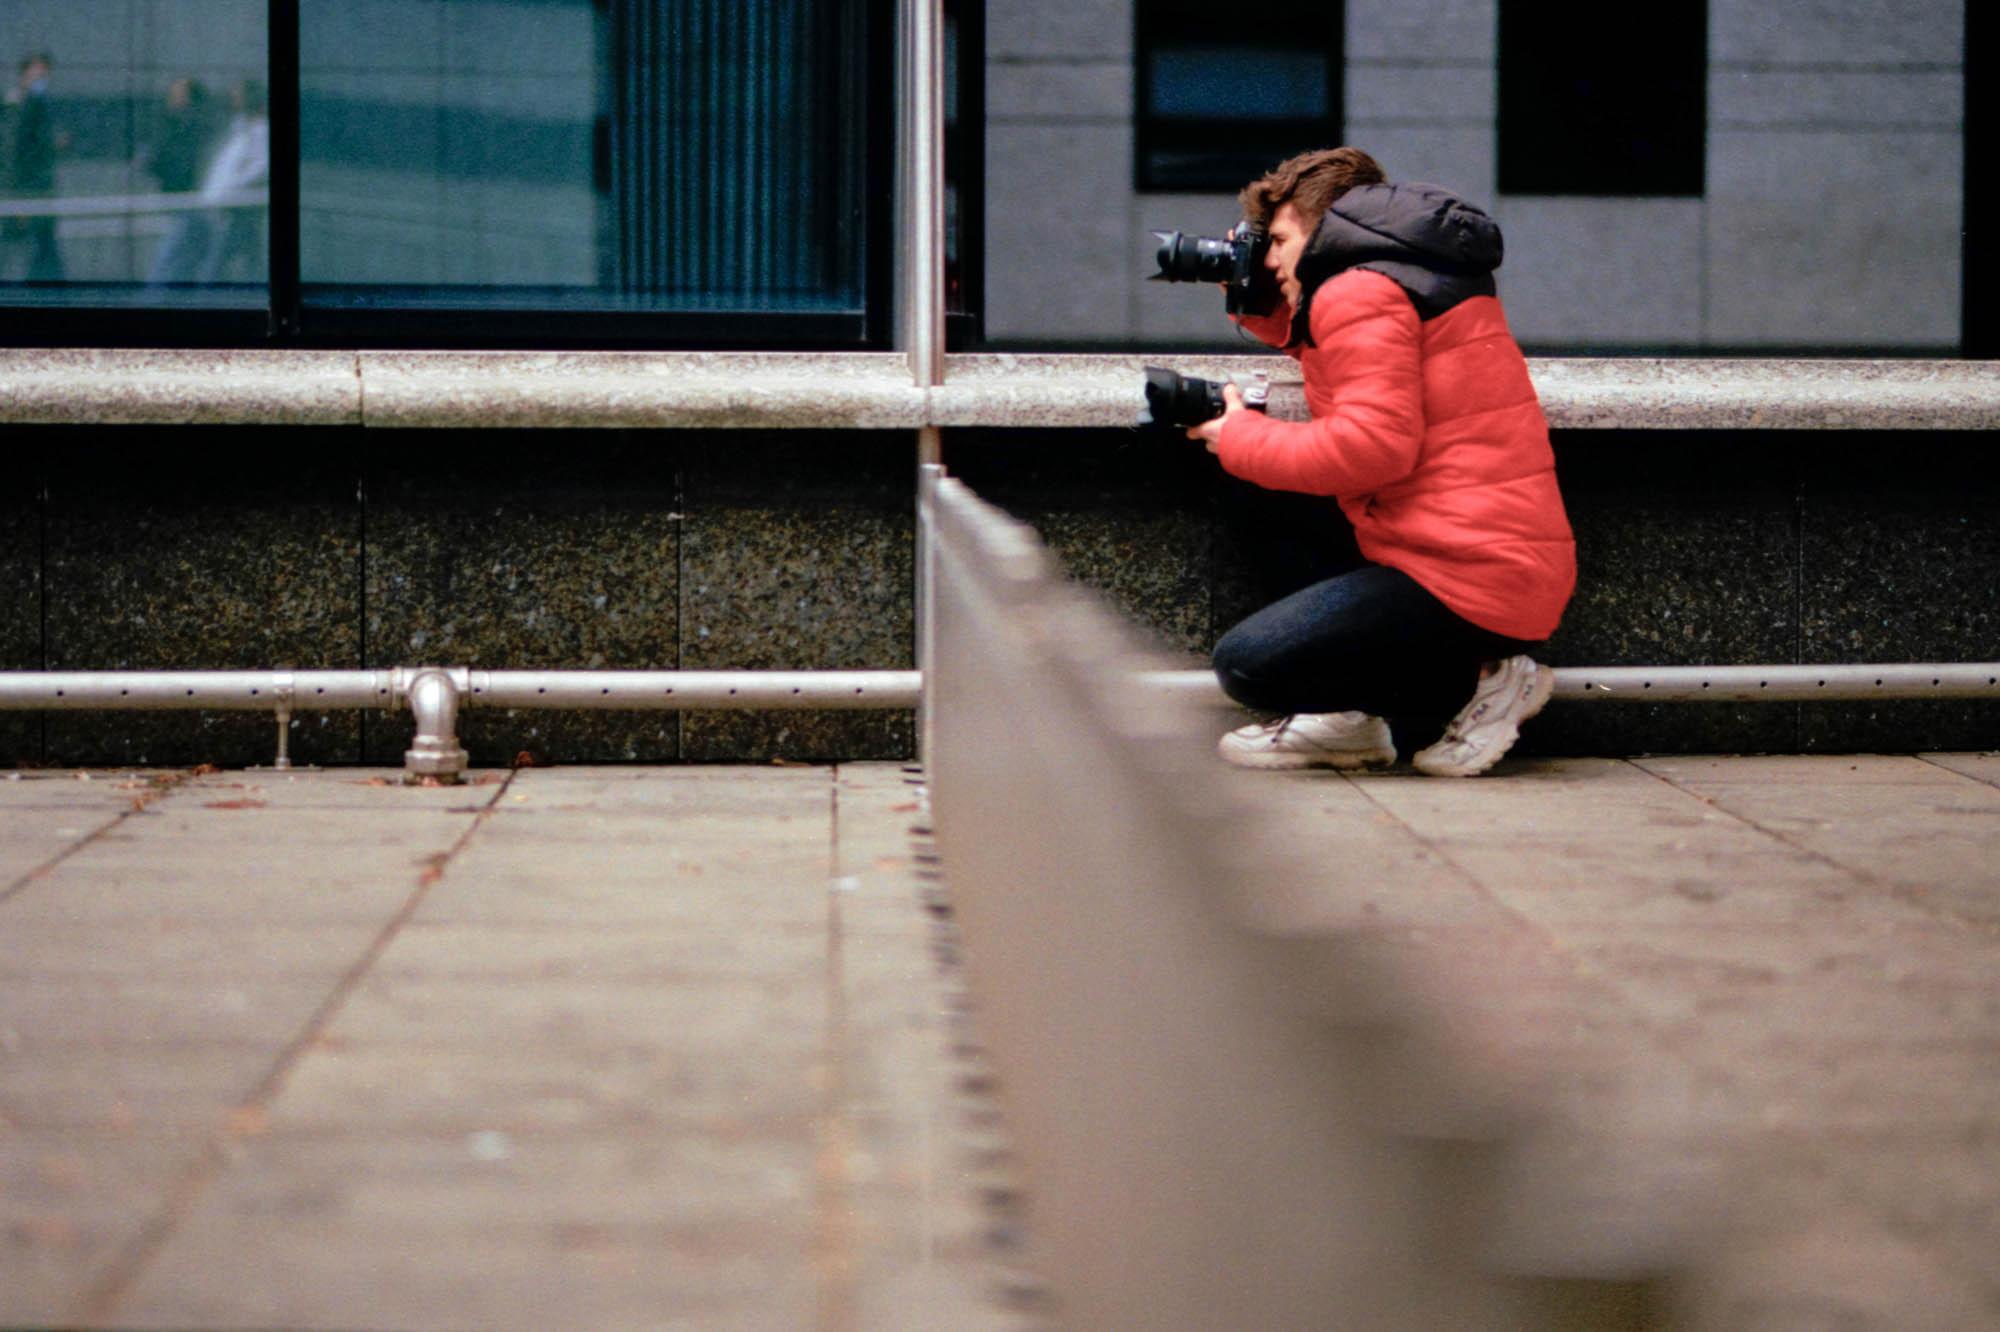 Analaogfotografie © Oliver Hilger